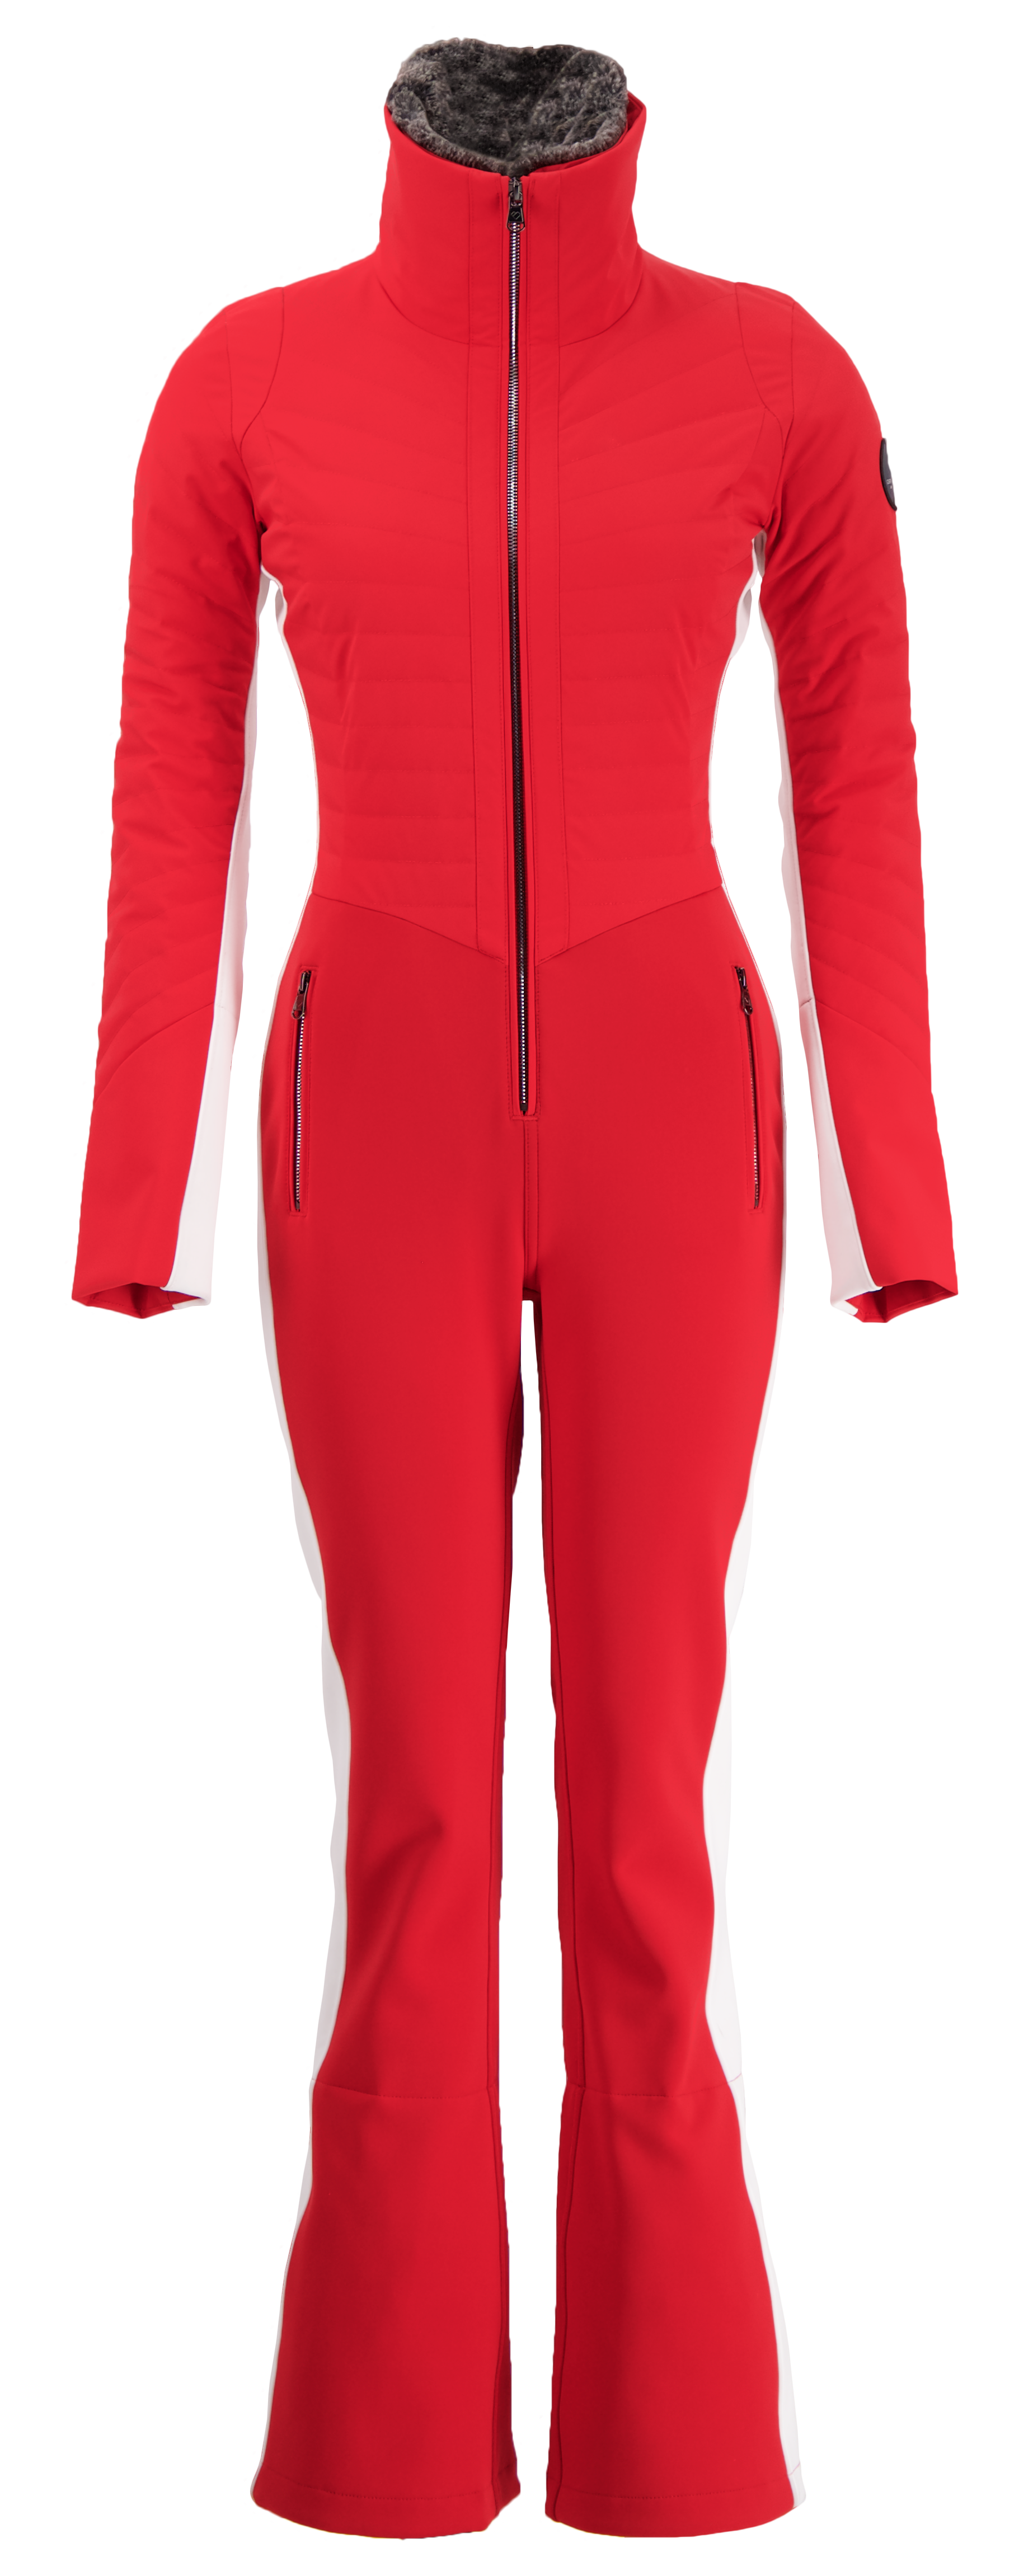 2016 Women's Stöckli Stormrider 100 Motion